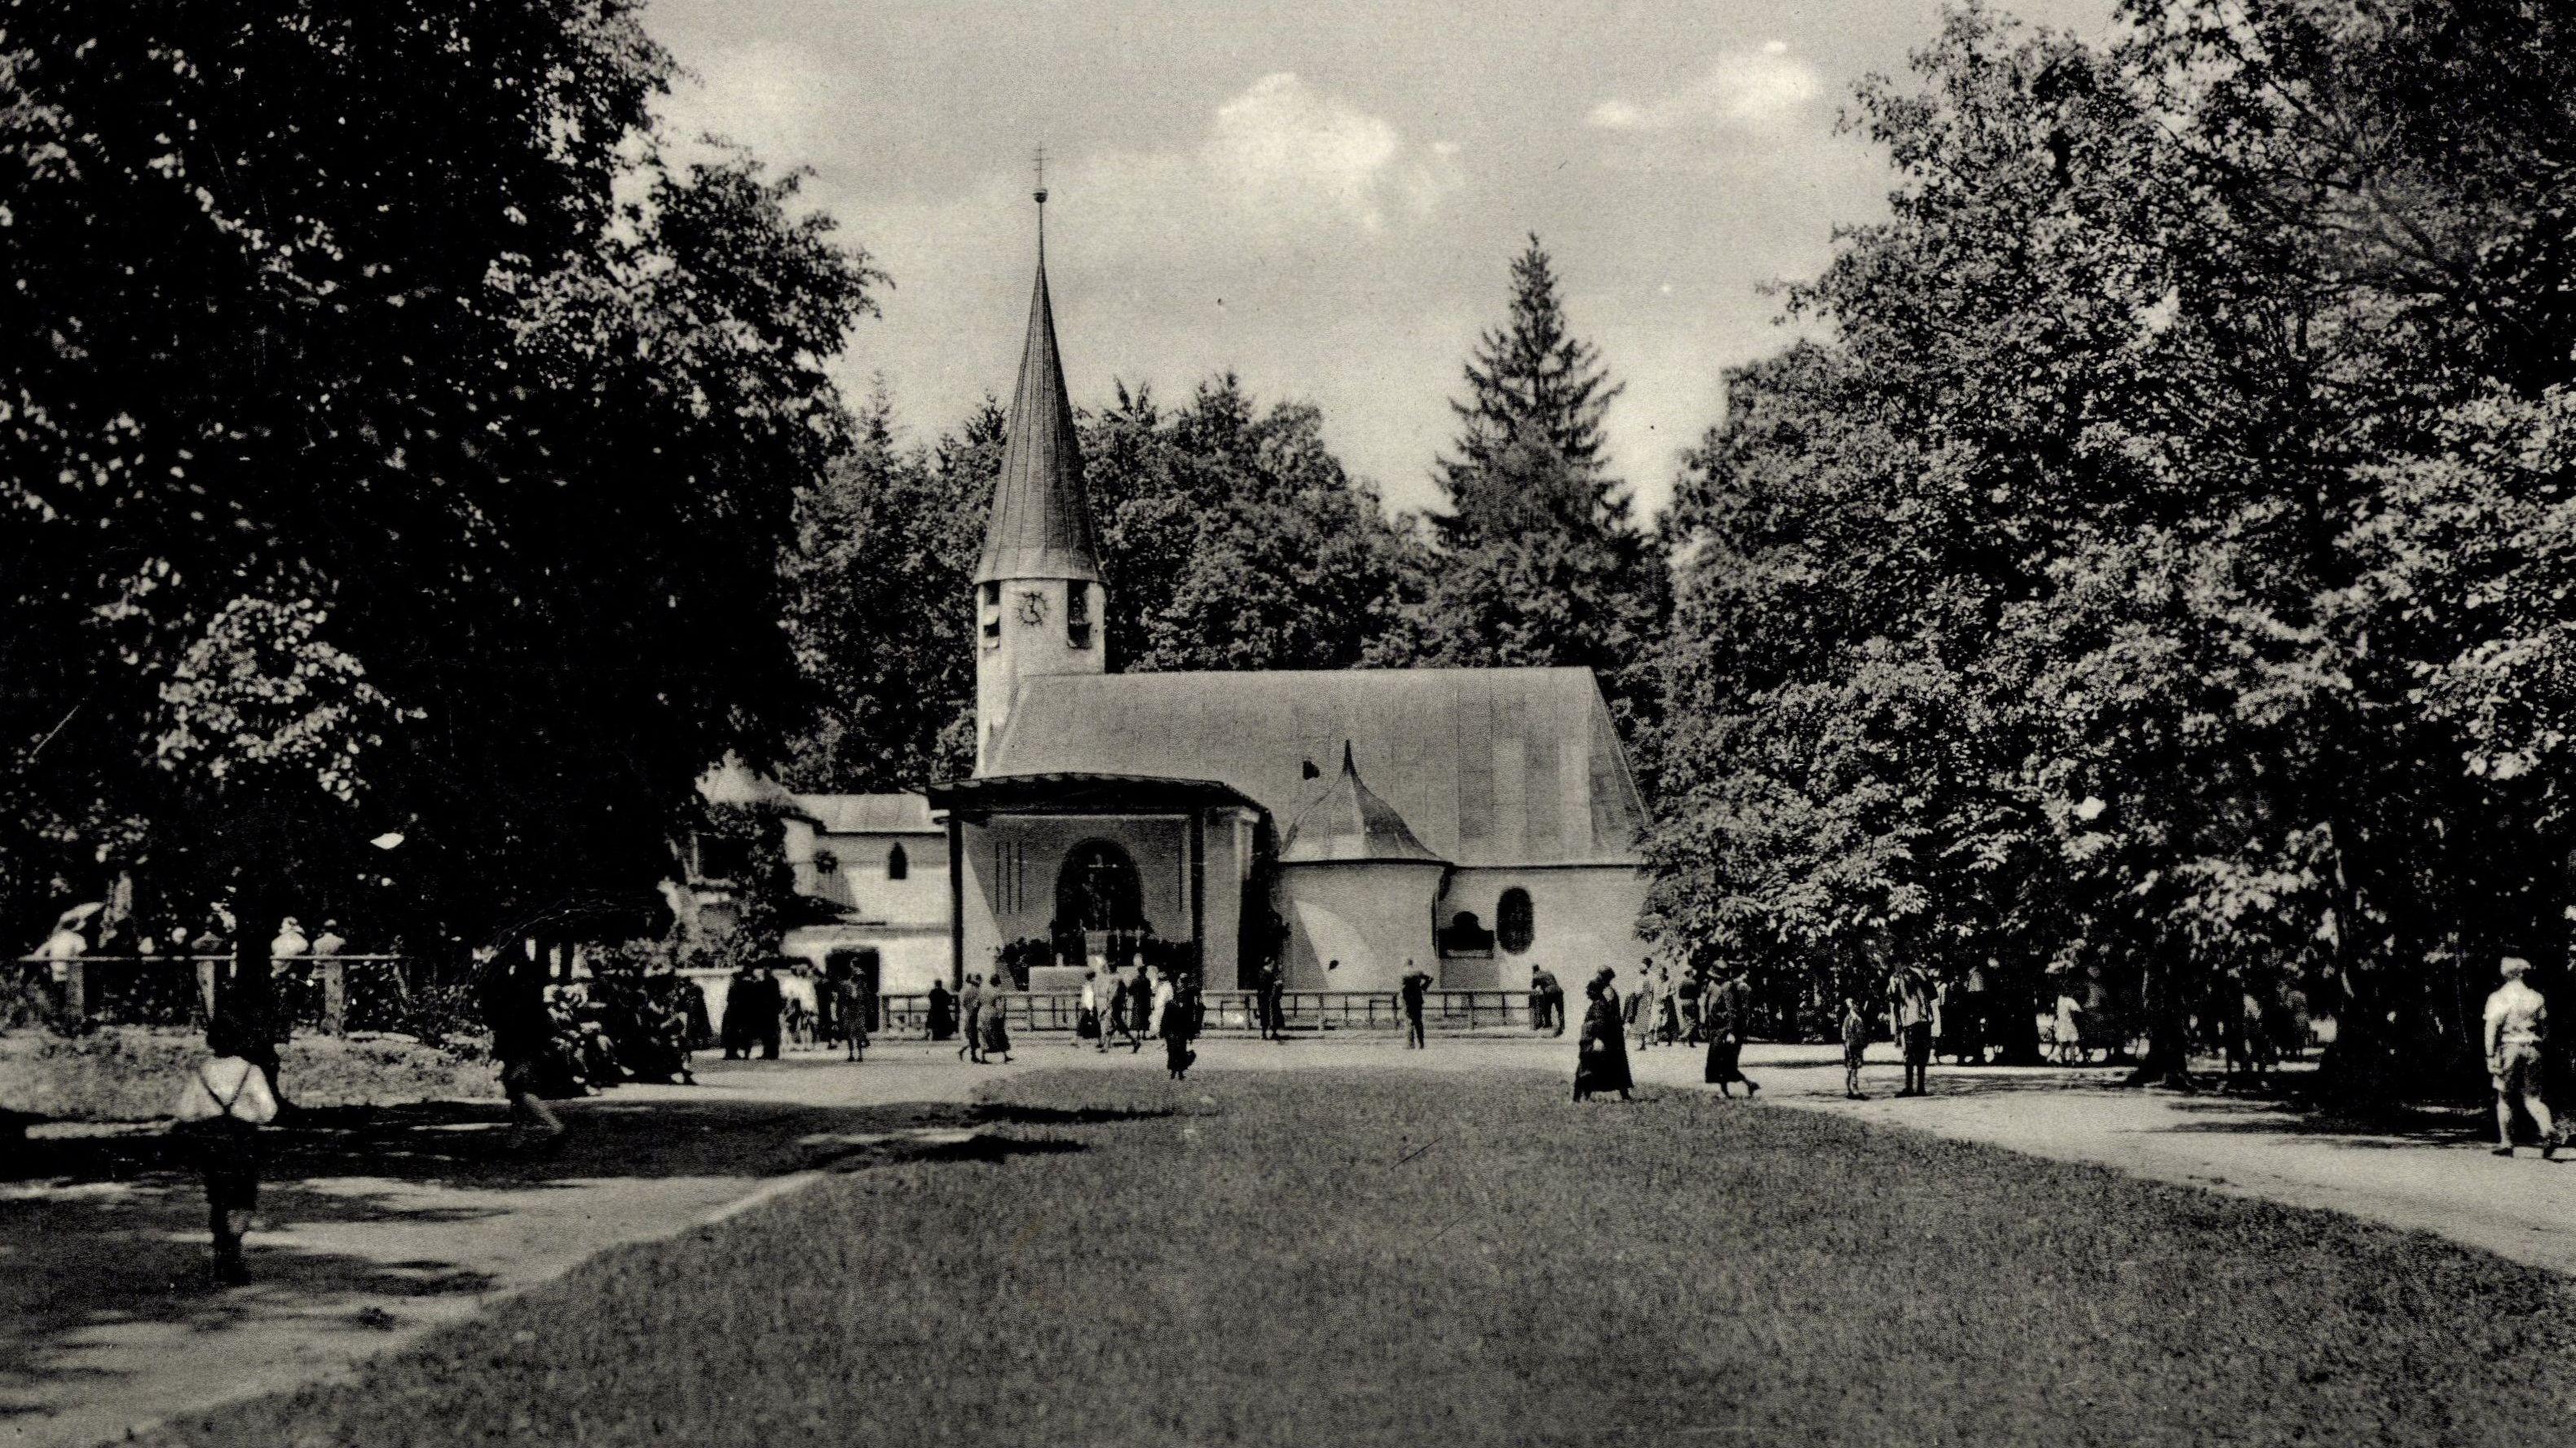 Historische Aufnahme: Der Klosterwald rund um die Wallfahrtskirche Maria Eich in Planegg